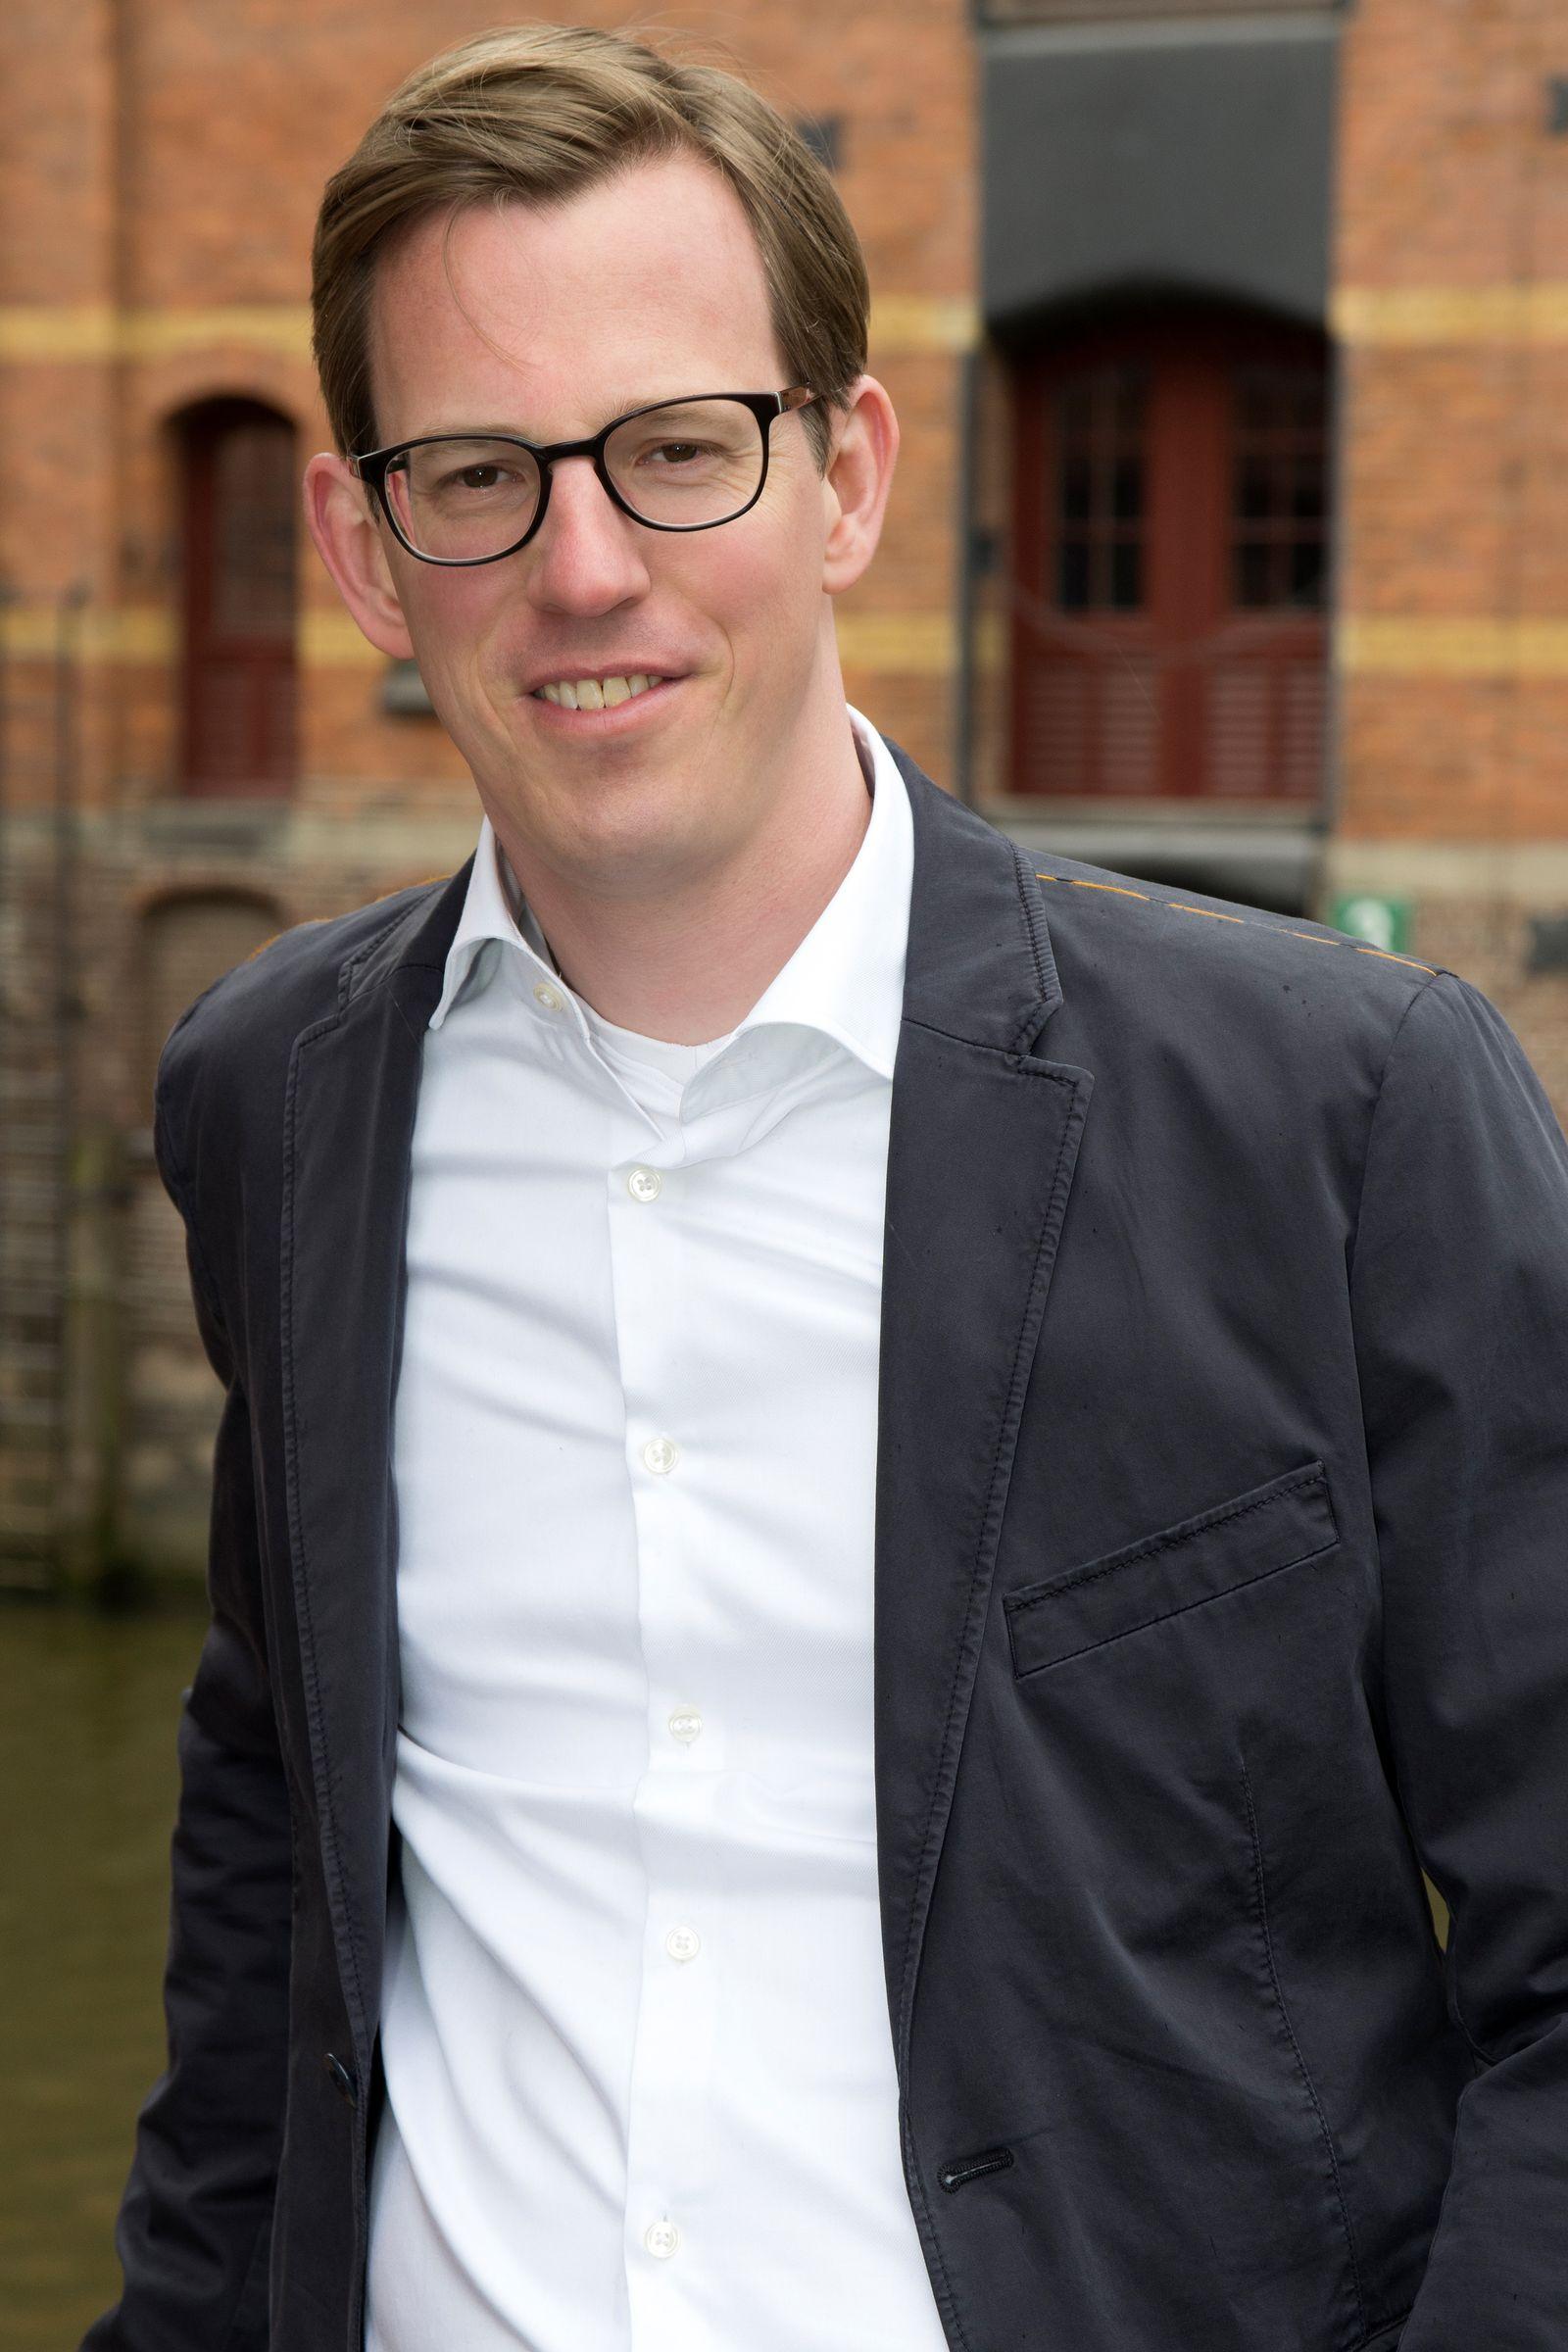 Tim-Alexander Karußeit